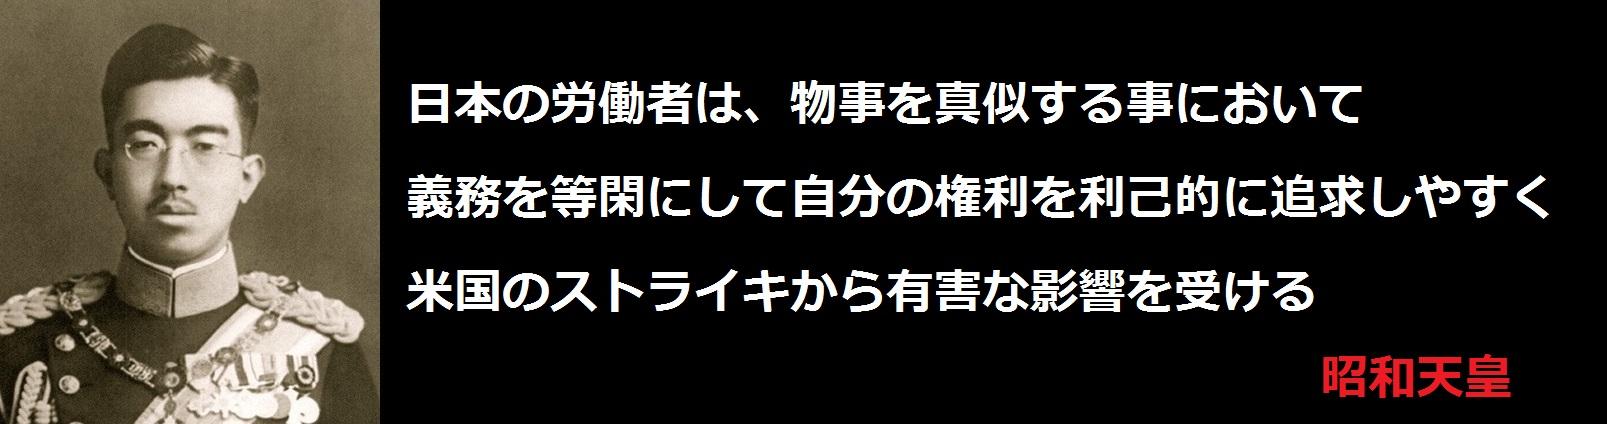 f:id:JAPbuster:20170519183725j:plain